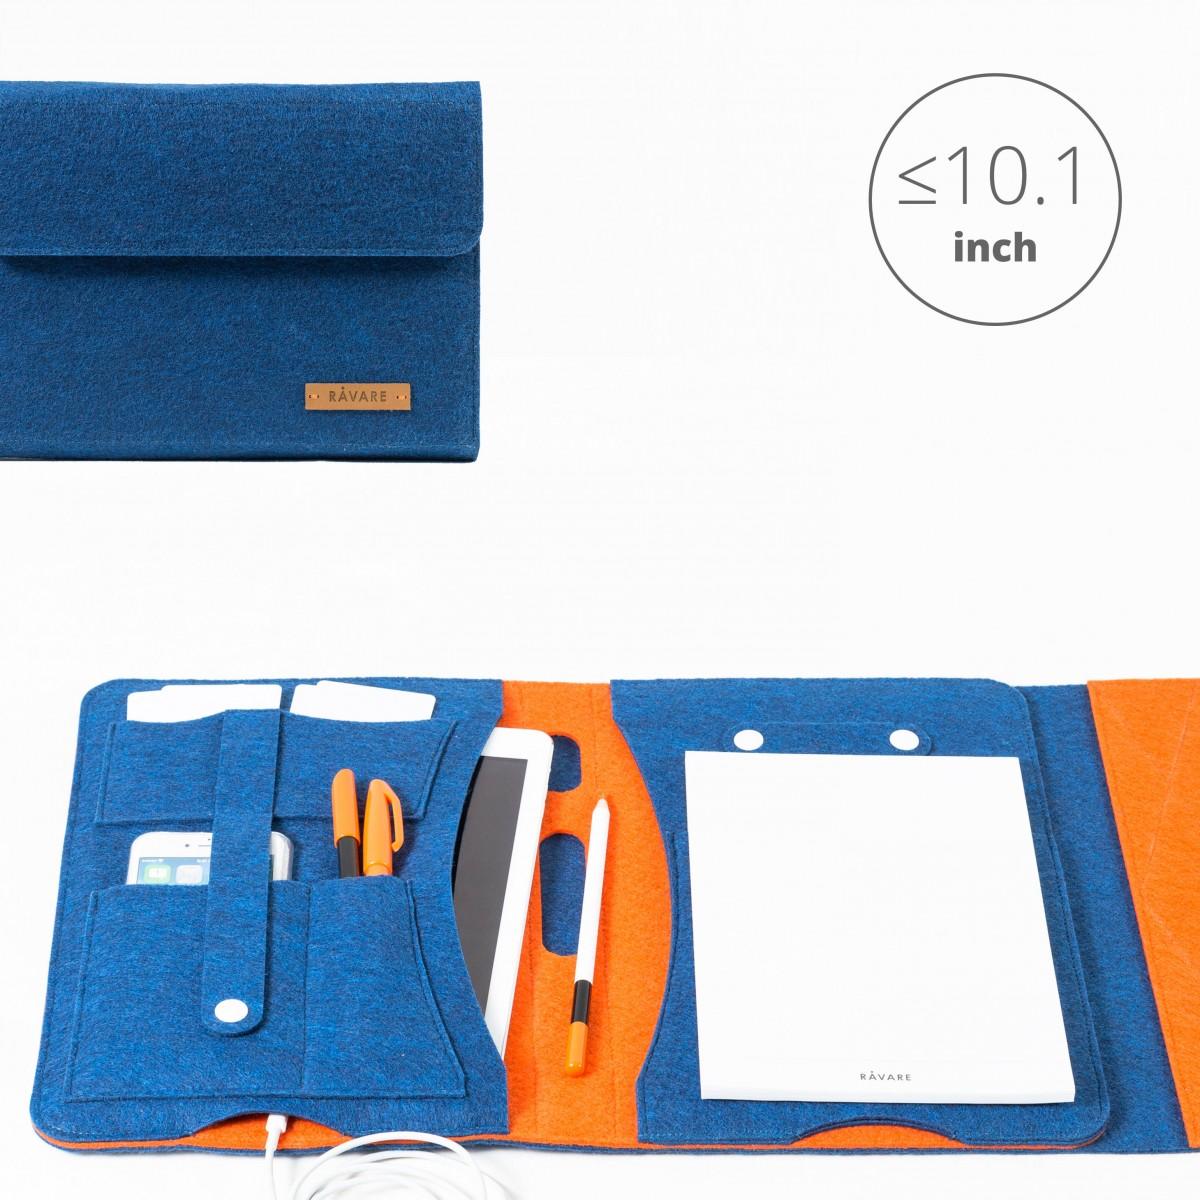 RÅVARE Tablet Organizer für kleine und mittlere Tablets ≤10.1″ mit Schreibblock, iPad, Samsung in blau-orange [KORA M]